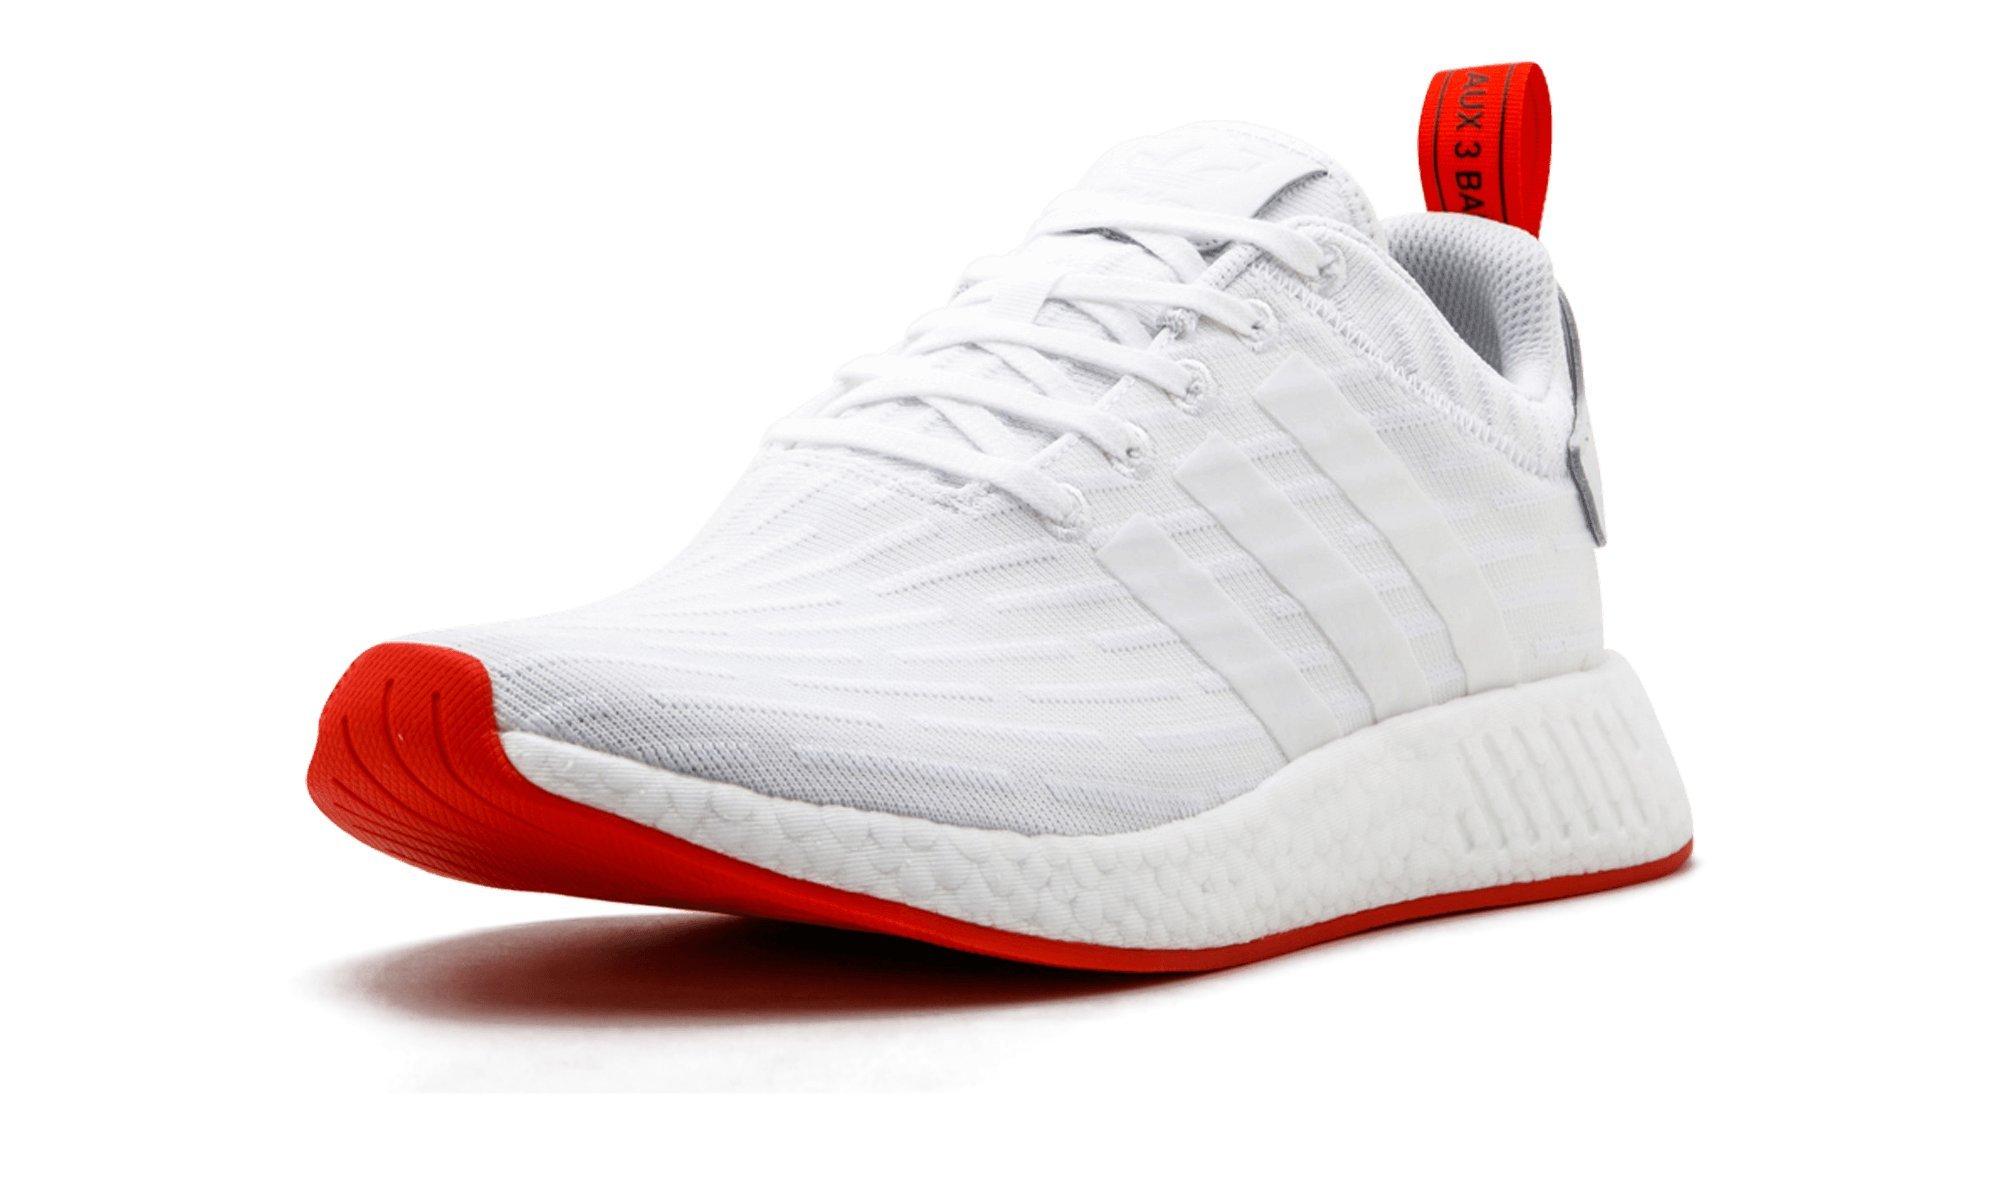 on sale 8973b 4f2af Adidas NMD_R2 PK - BA7253